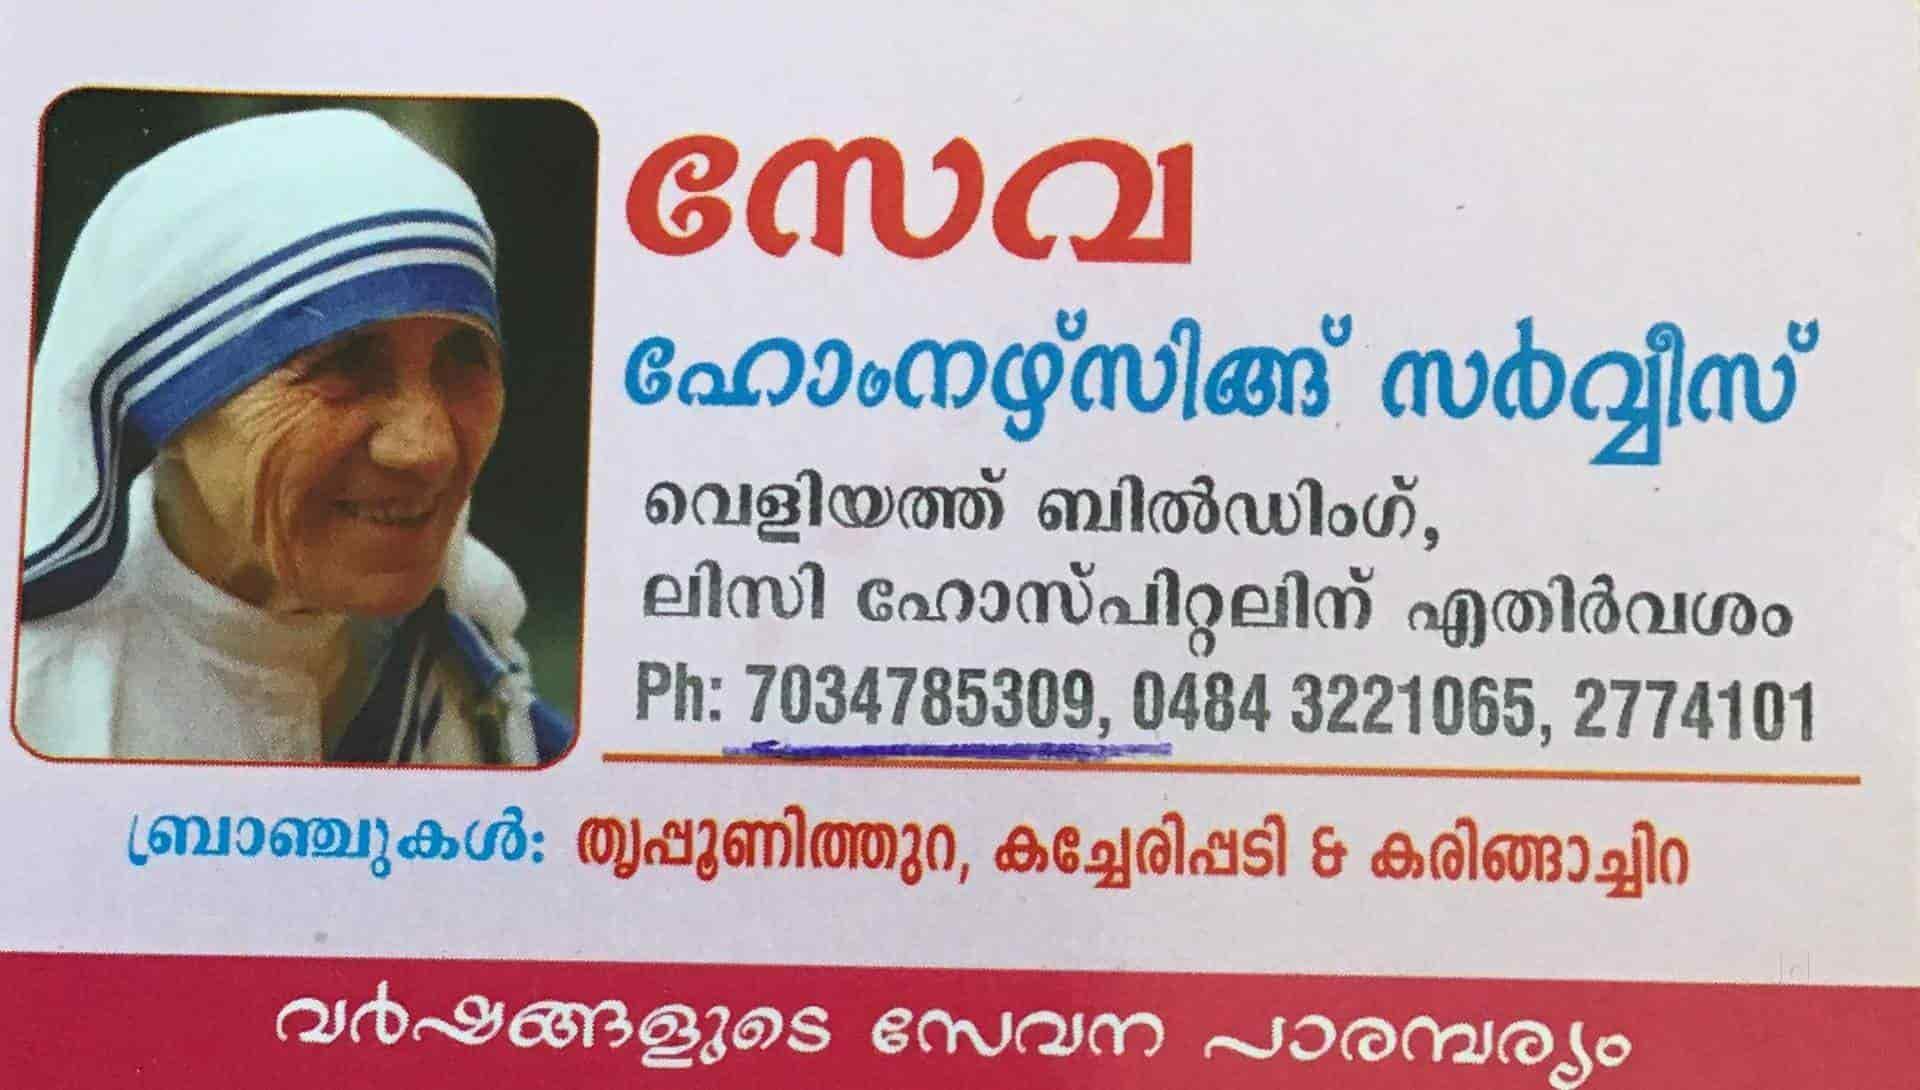 Seva Home Nursing Services, Kaloor - Hospitals in Ernakulam - Justdial